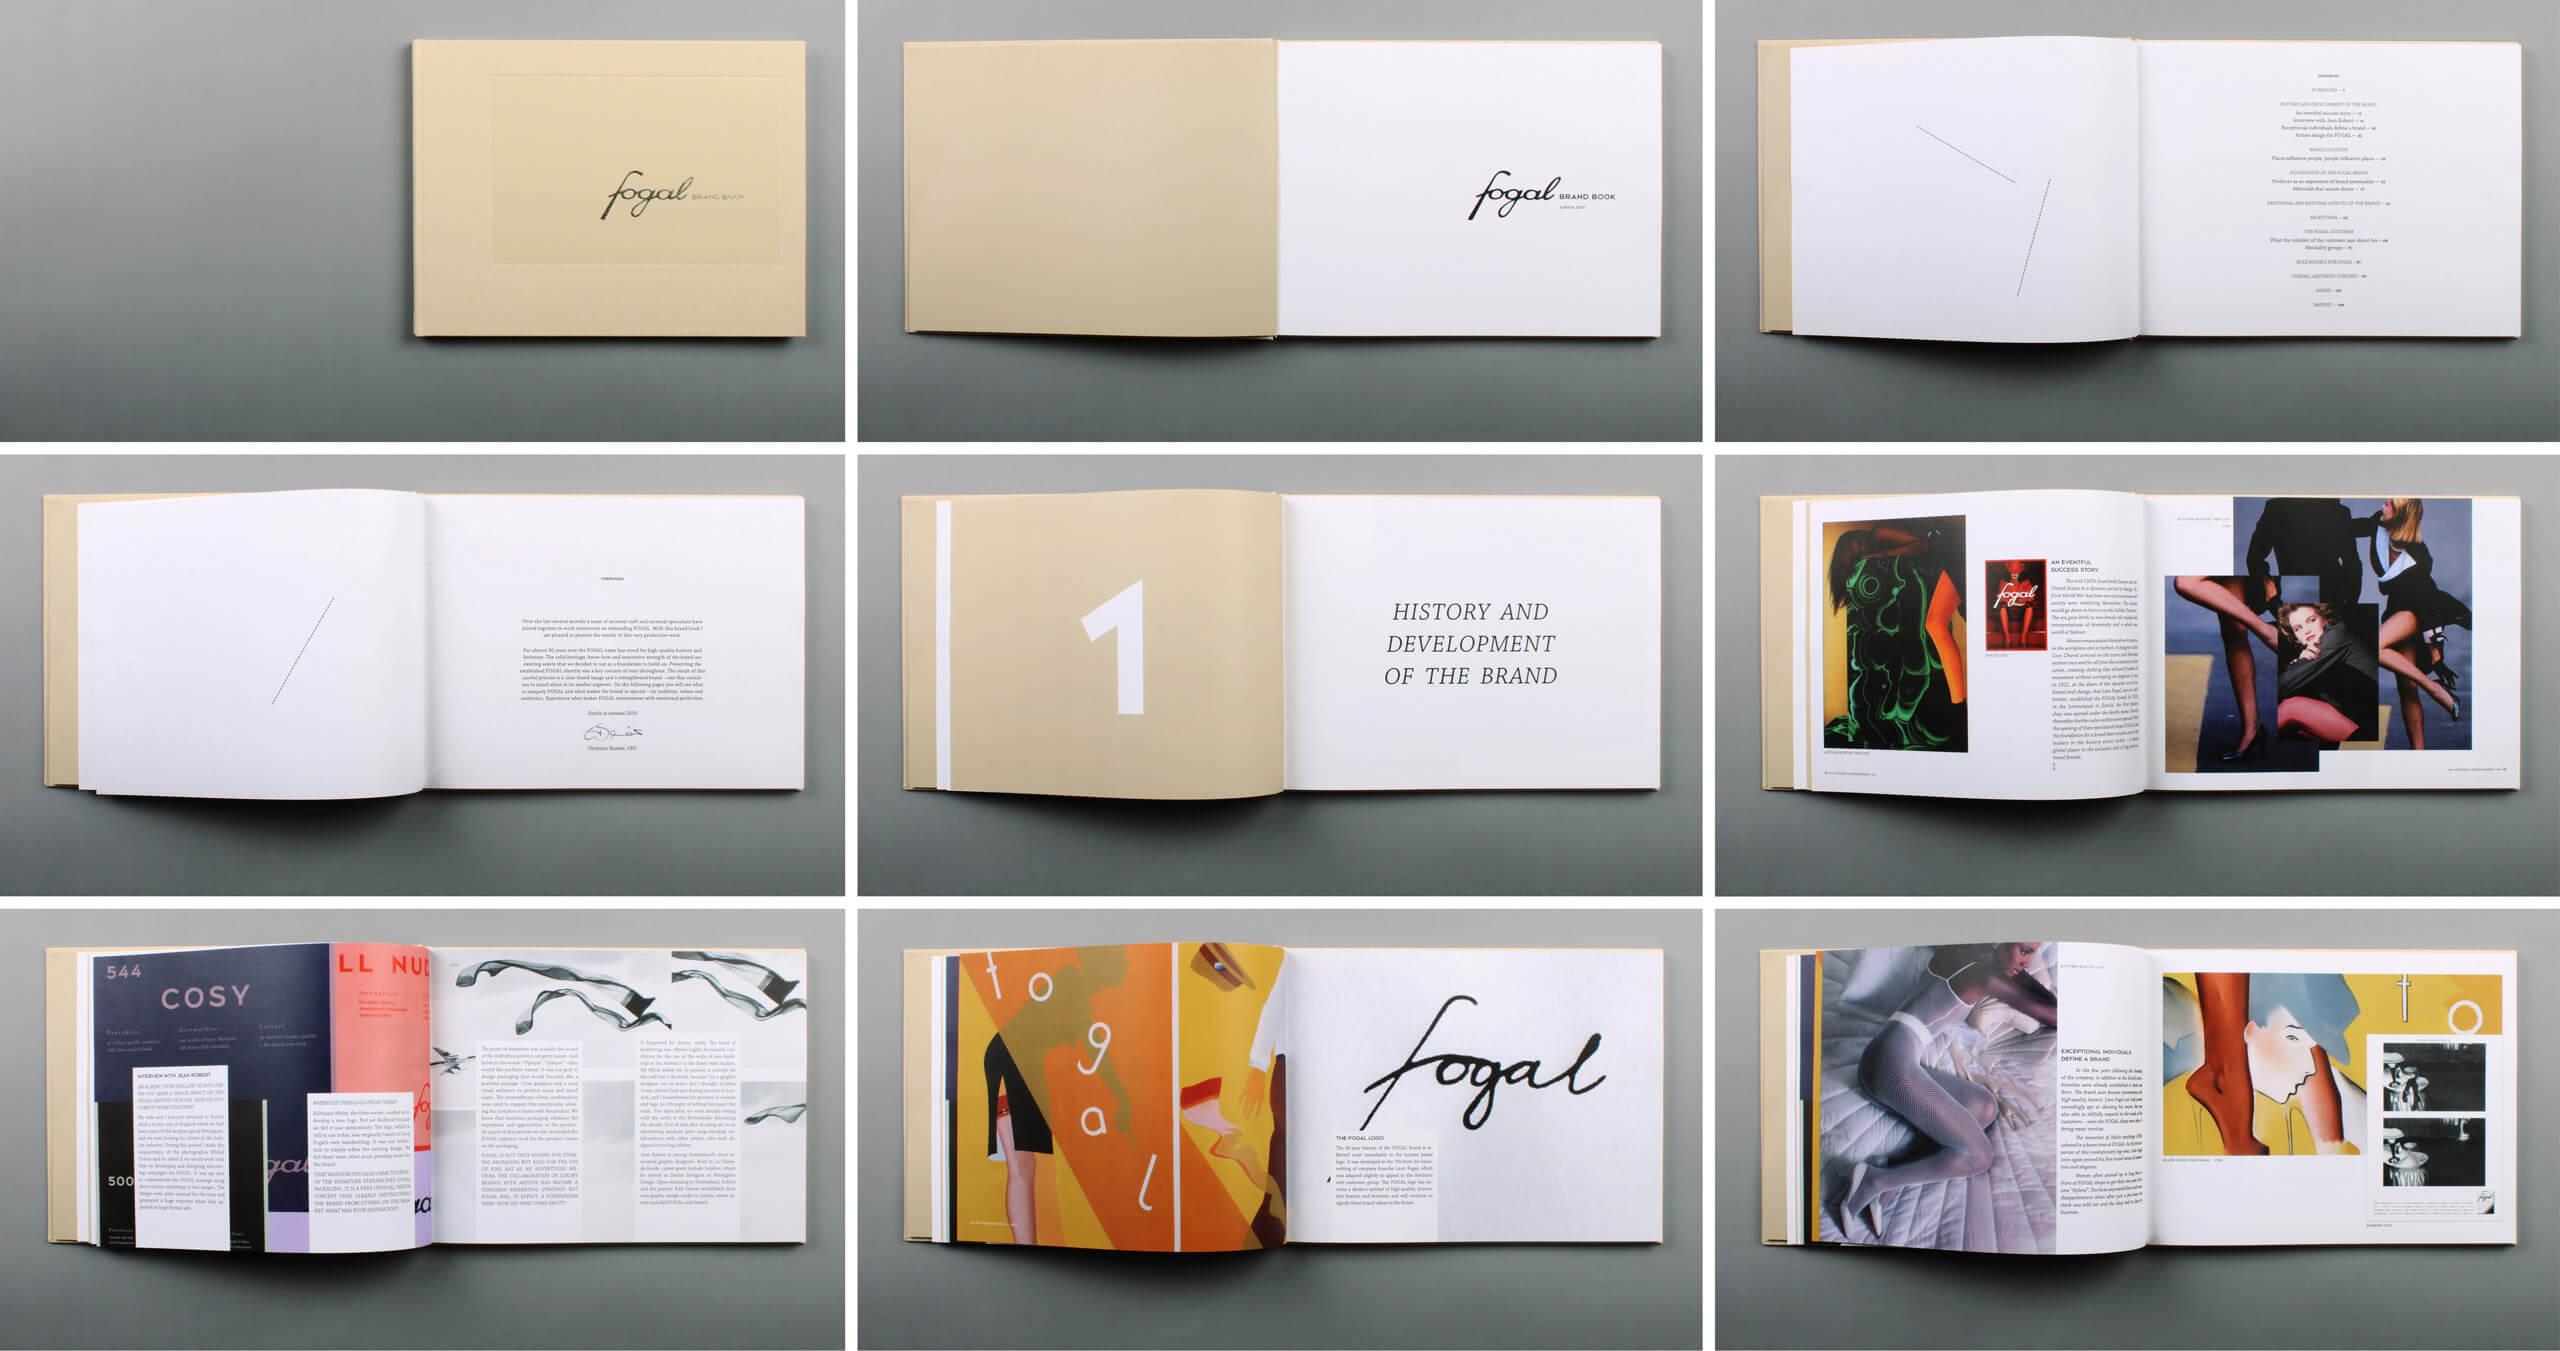 fogal-brandbook-overview